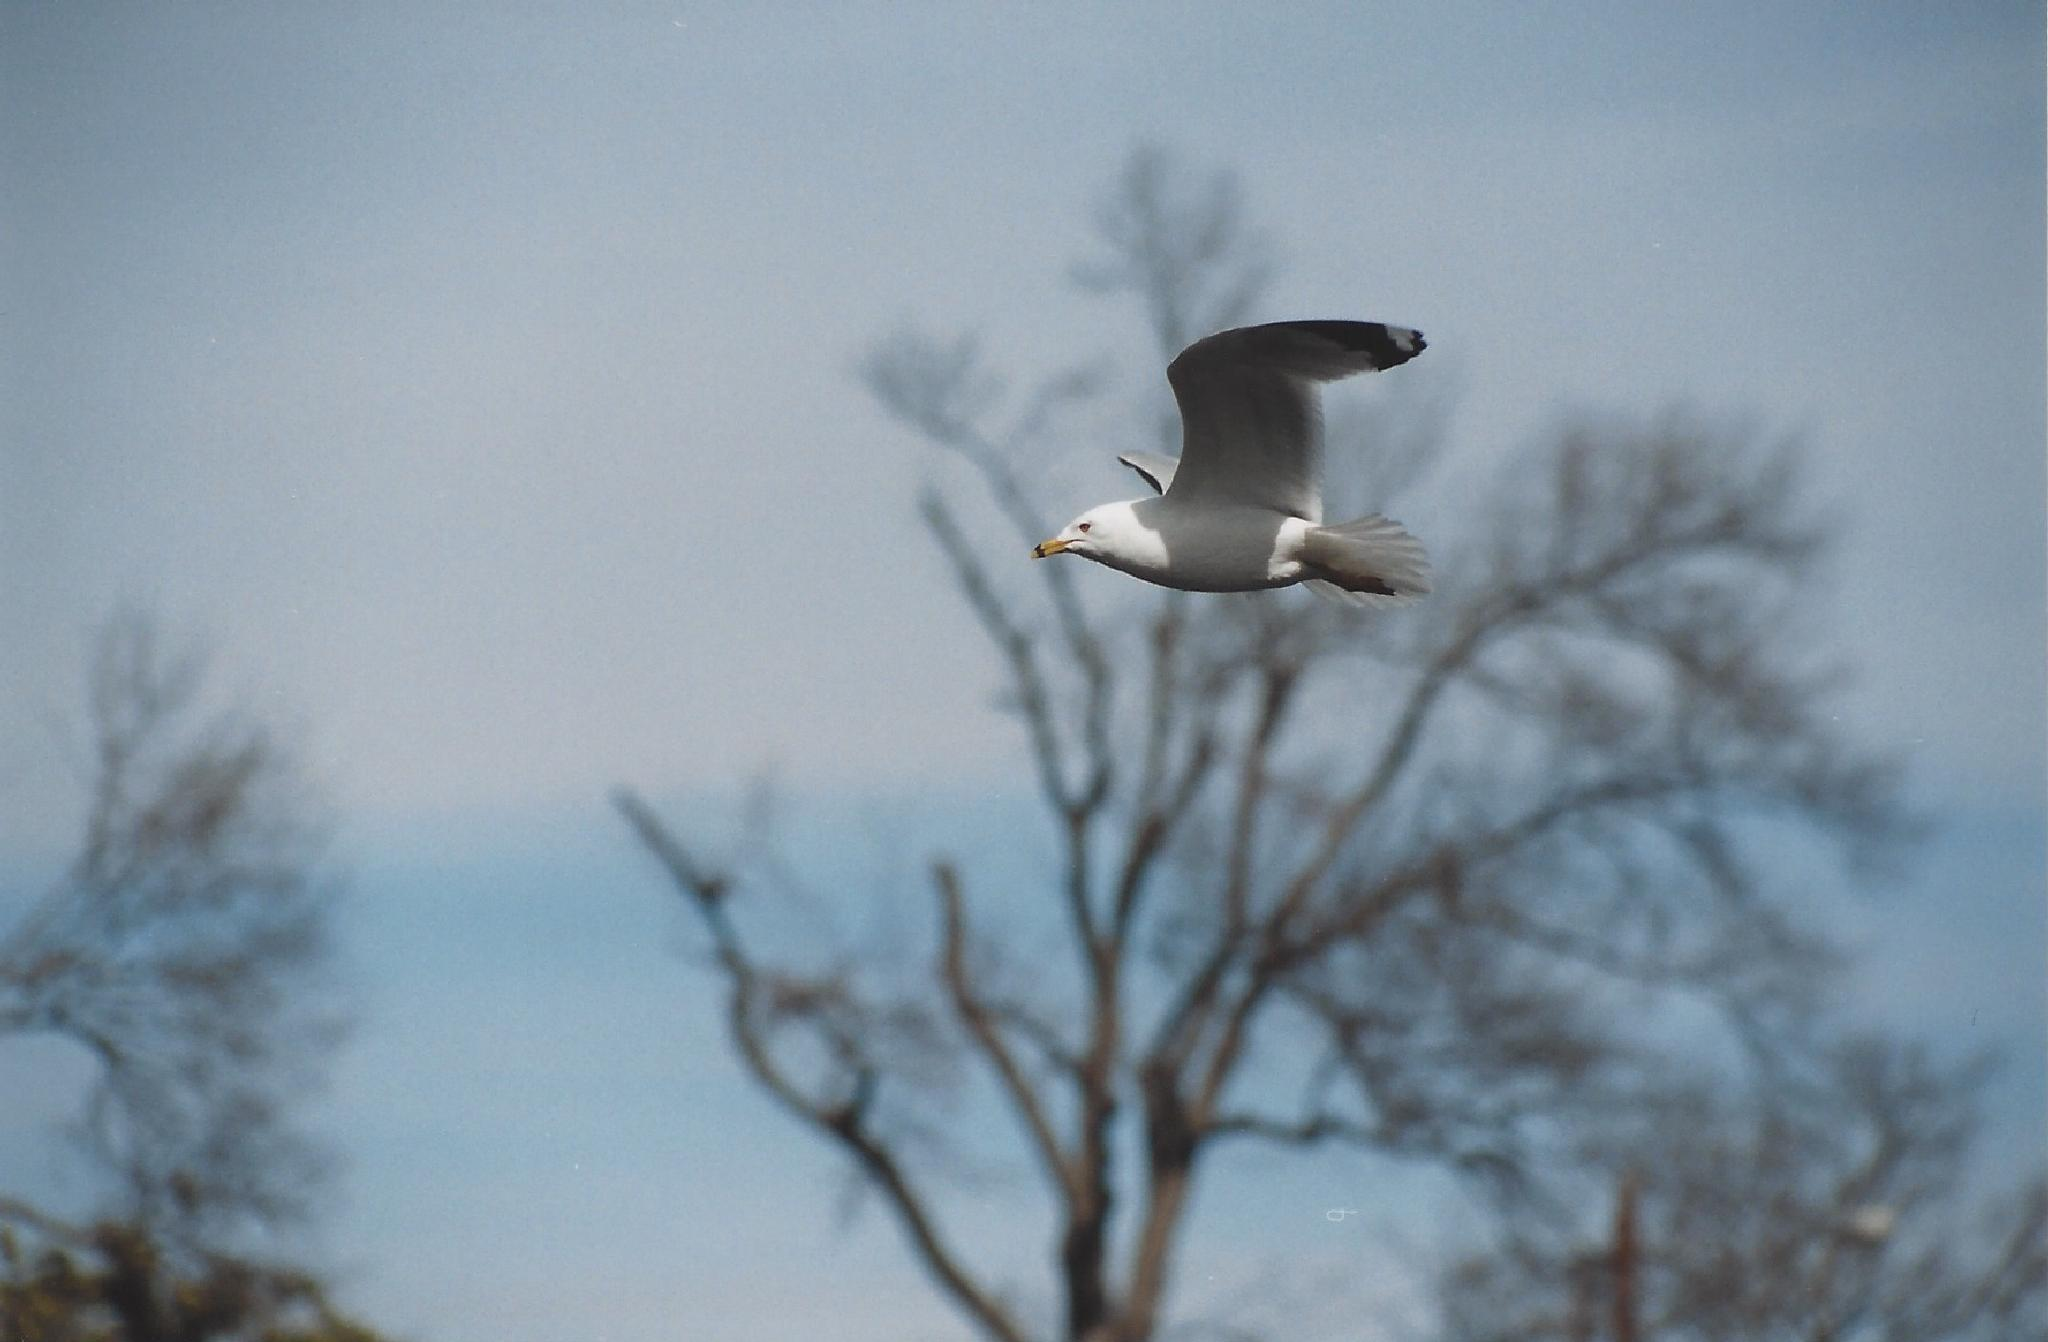 Gull in Flight by Scott F. Brooks